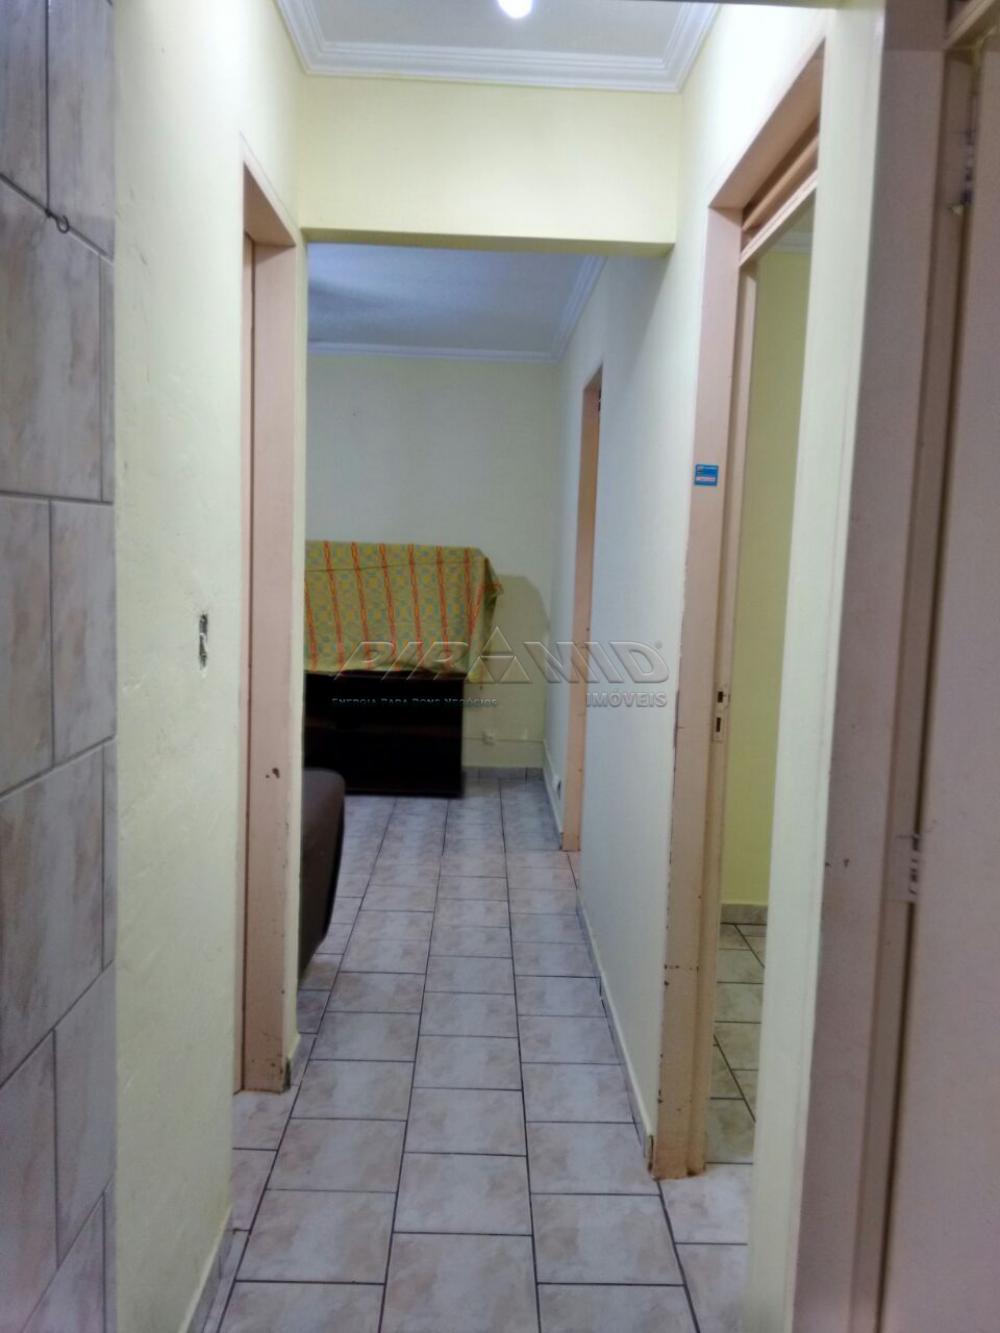 Comprar Casa / Padrão em Ribeirão Preto apenas R$ 210.000,00 - Foto 9